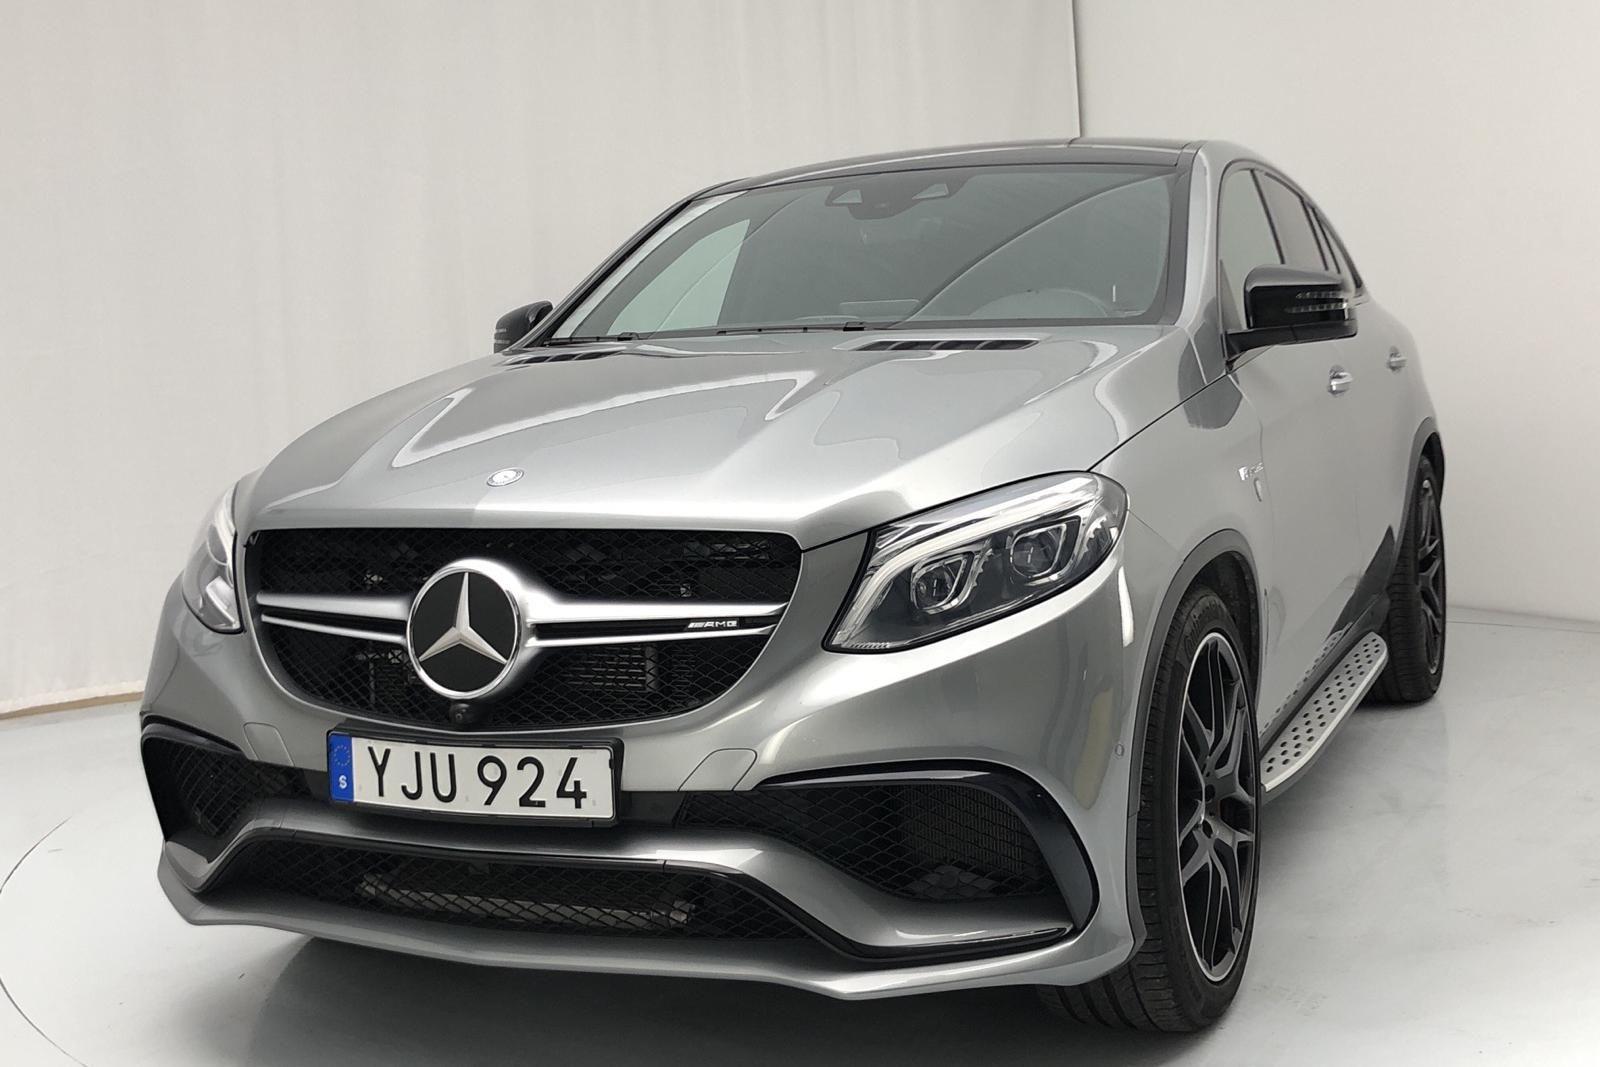 Mercedes AMG GLE 63 S (585hk)